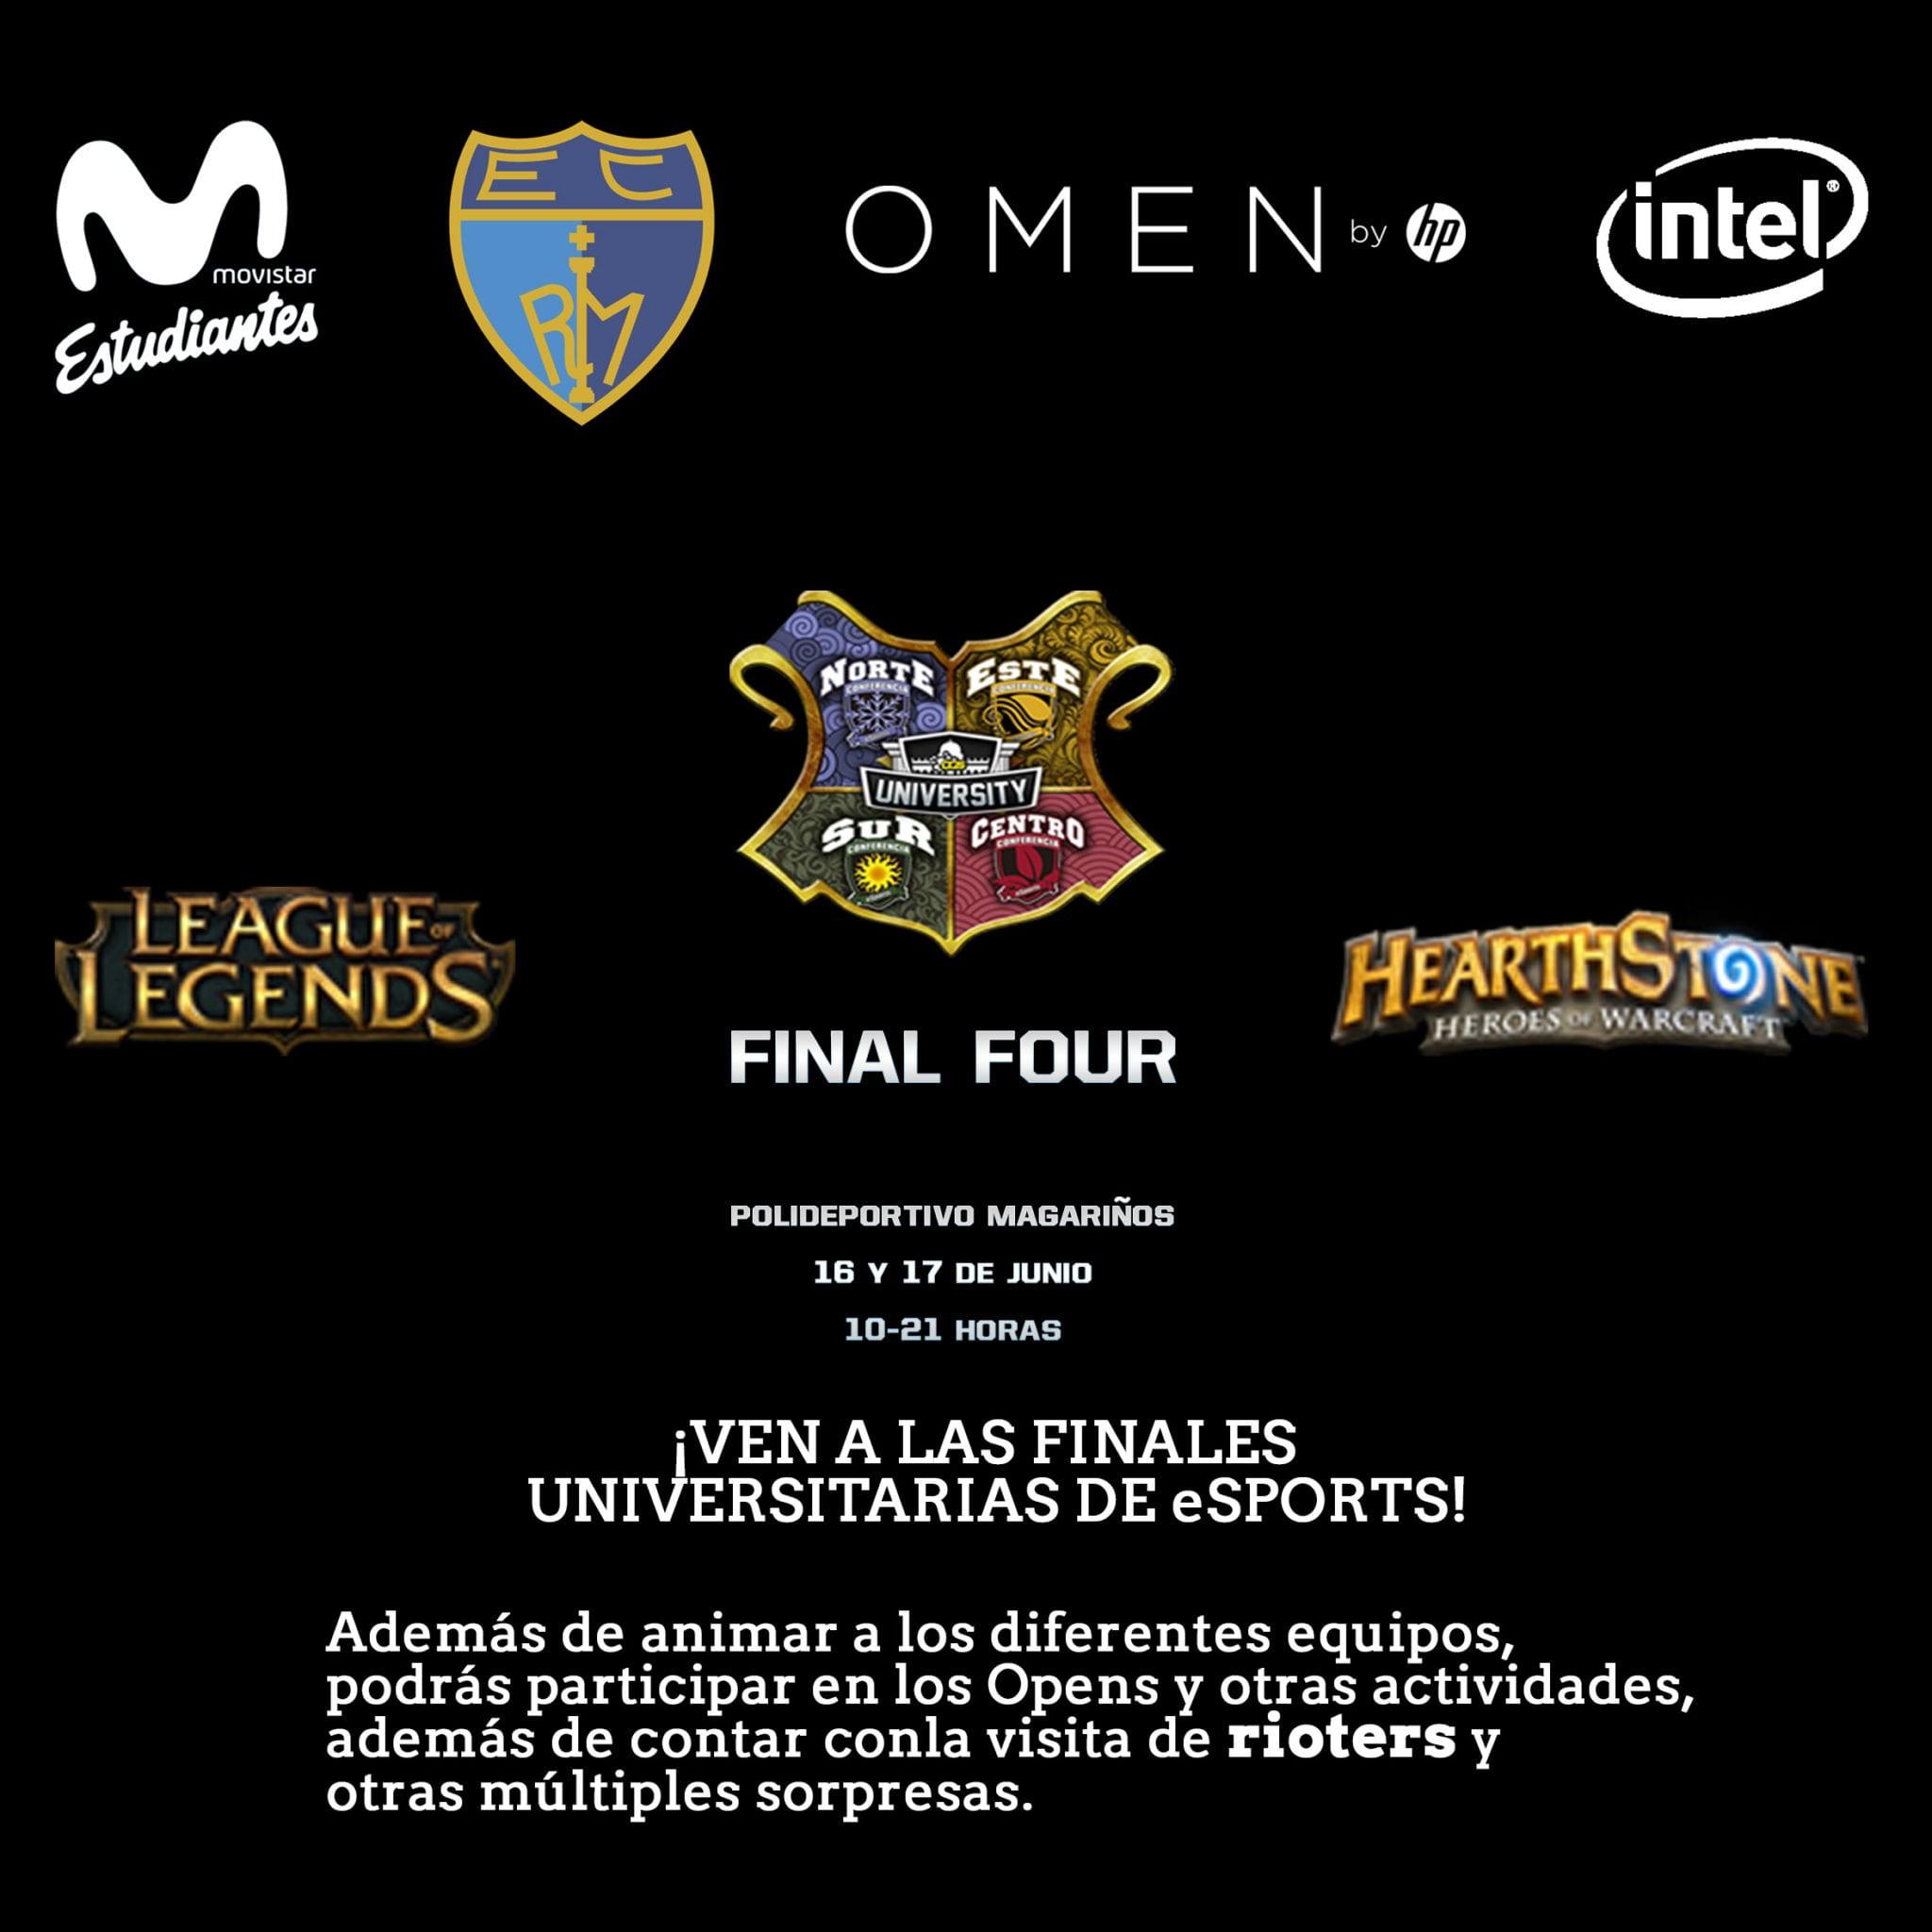 Los eSports desembarcan en el Magariños: finales de OGSeries University (viernes 16 y sábado 17 de junio)